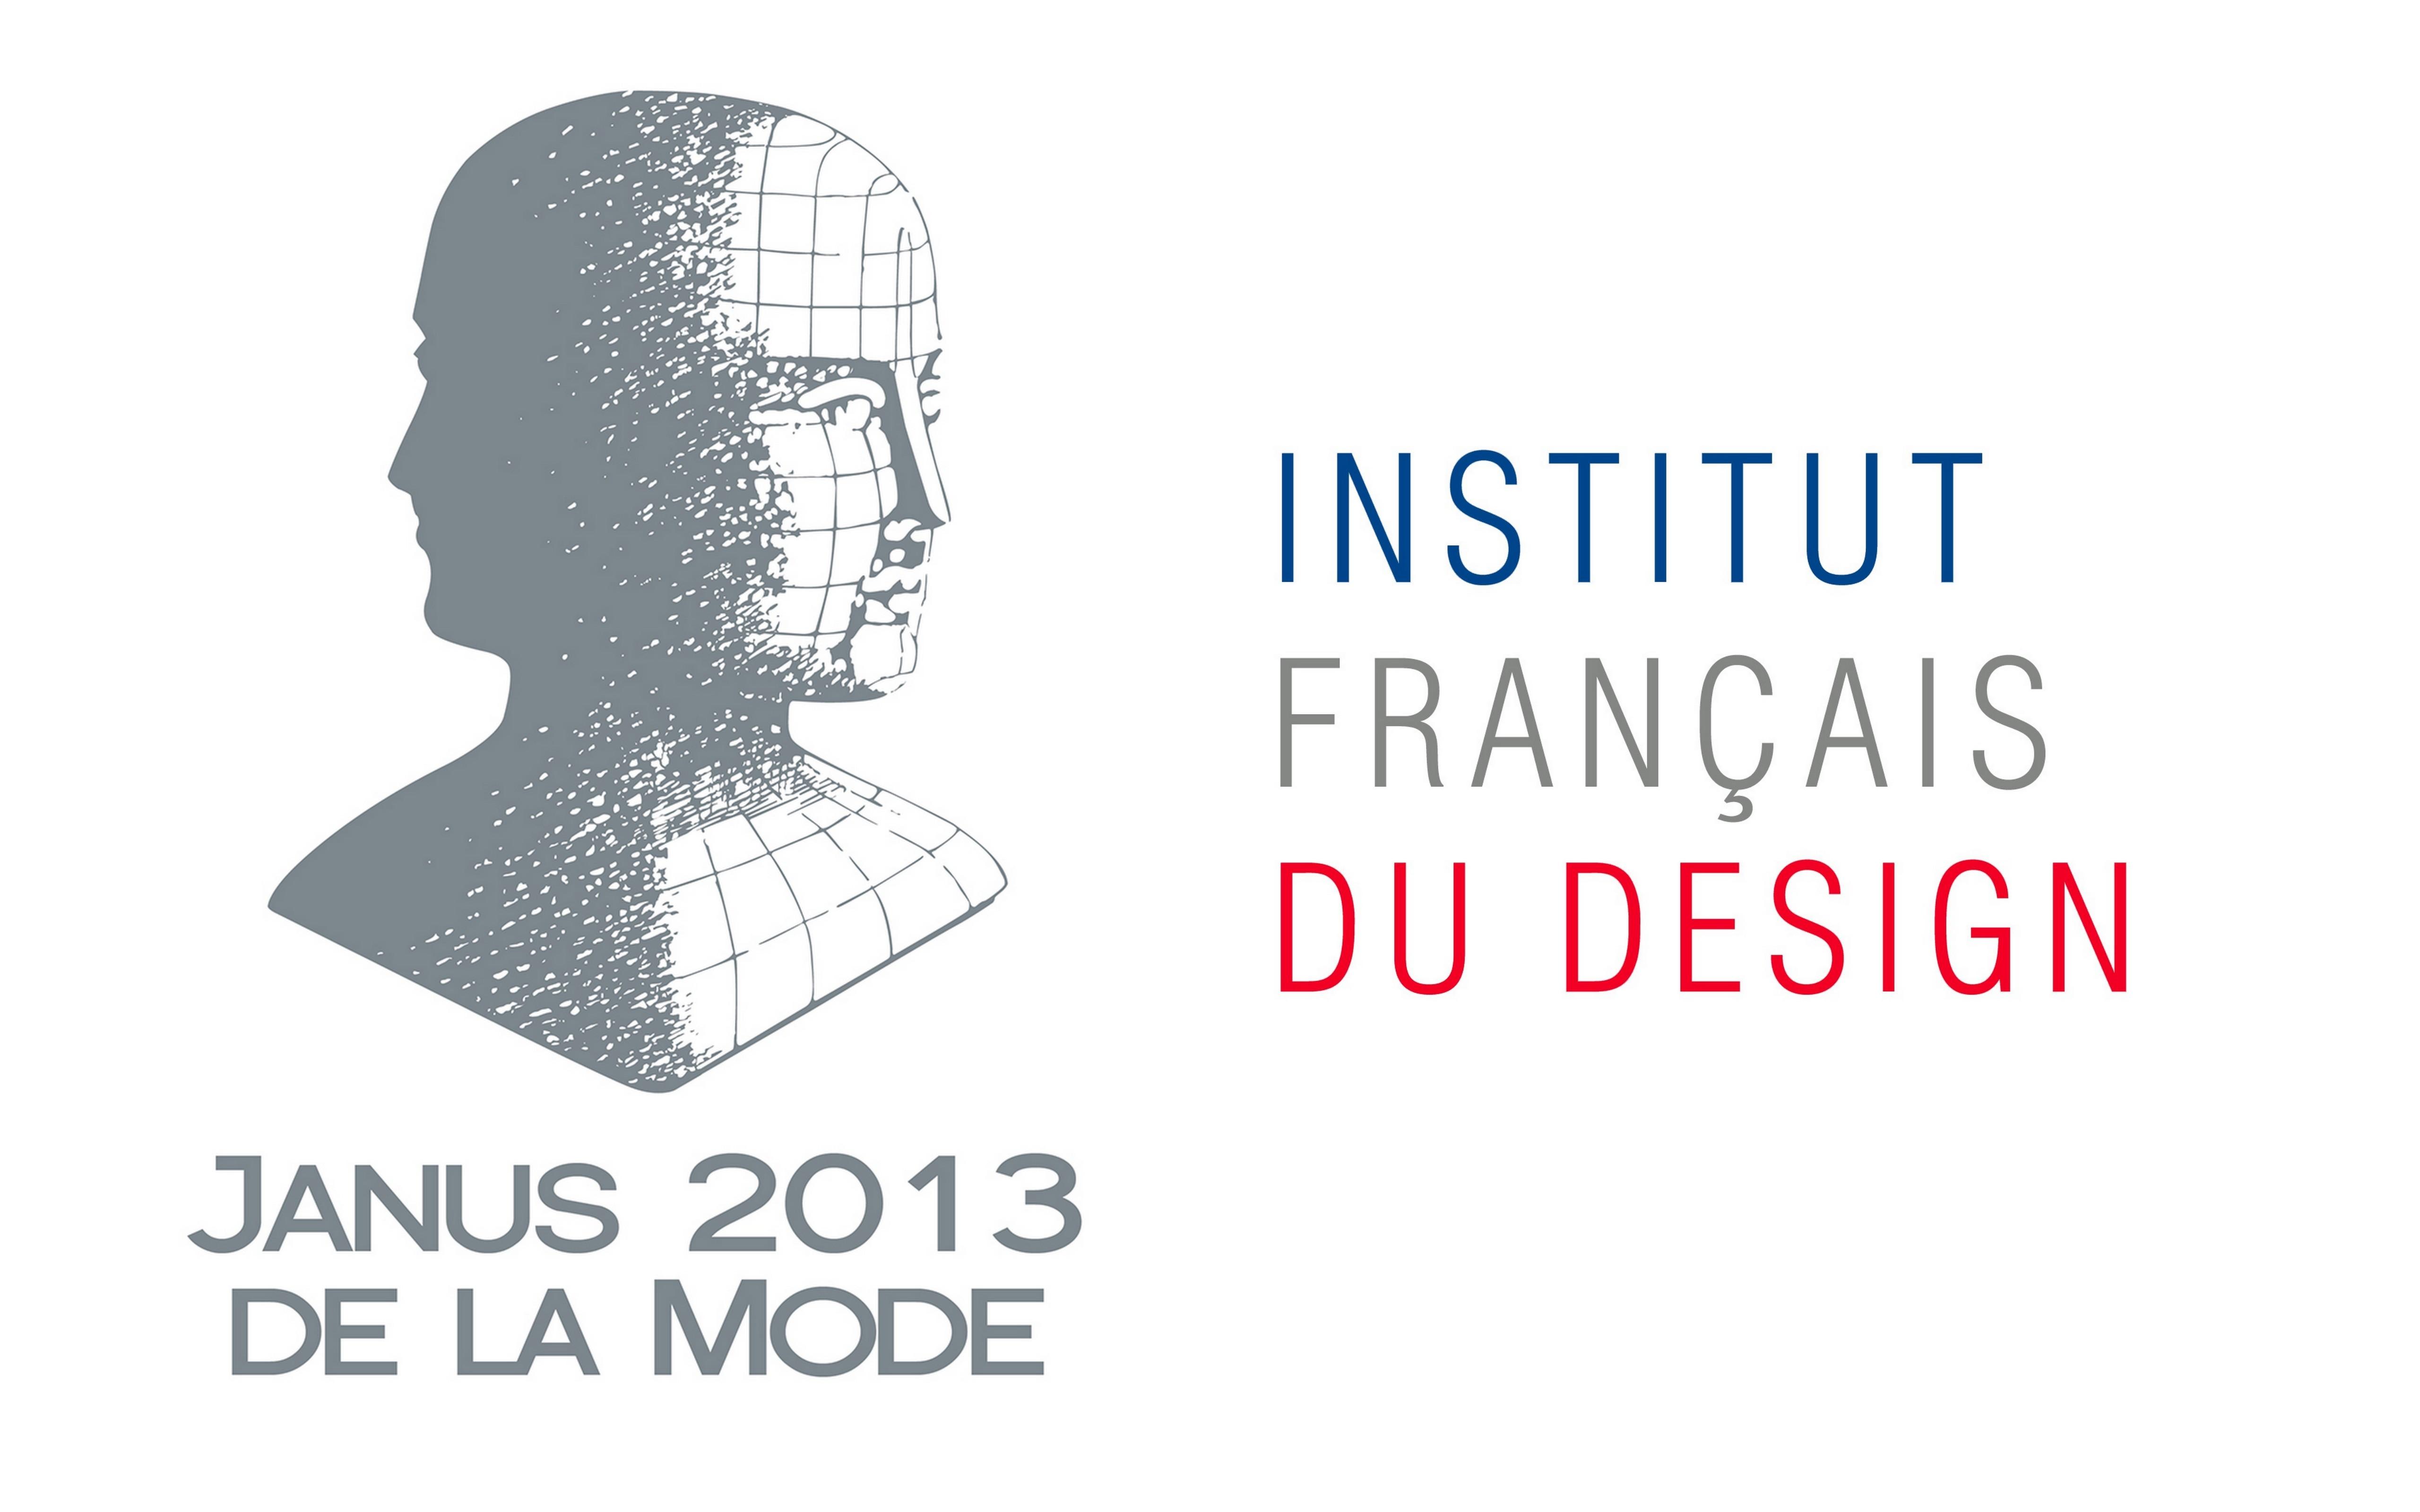 Janus de la Mode 2013 Institut Français du Design